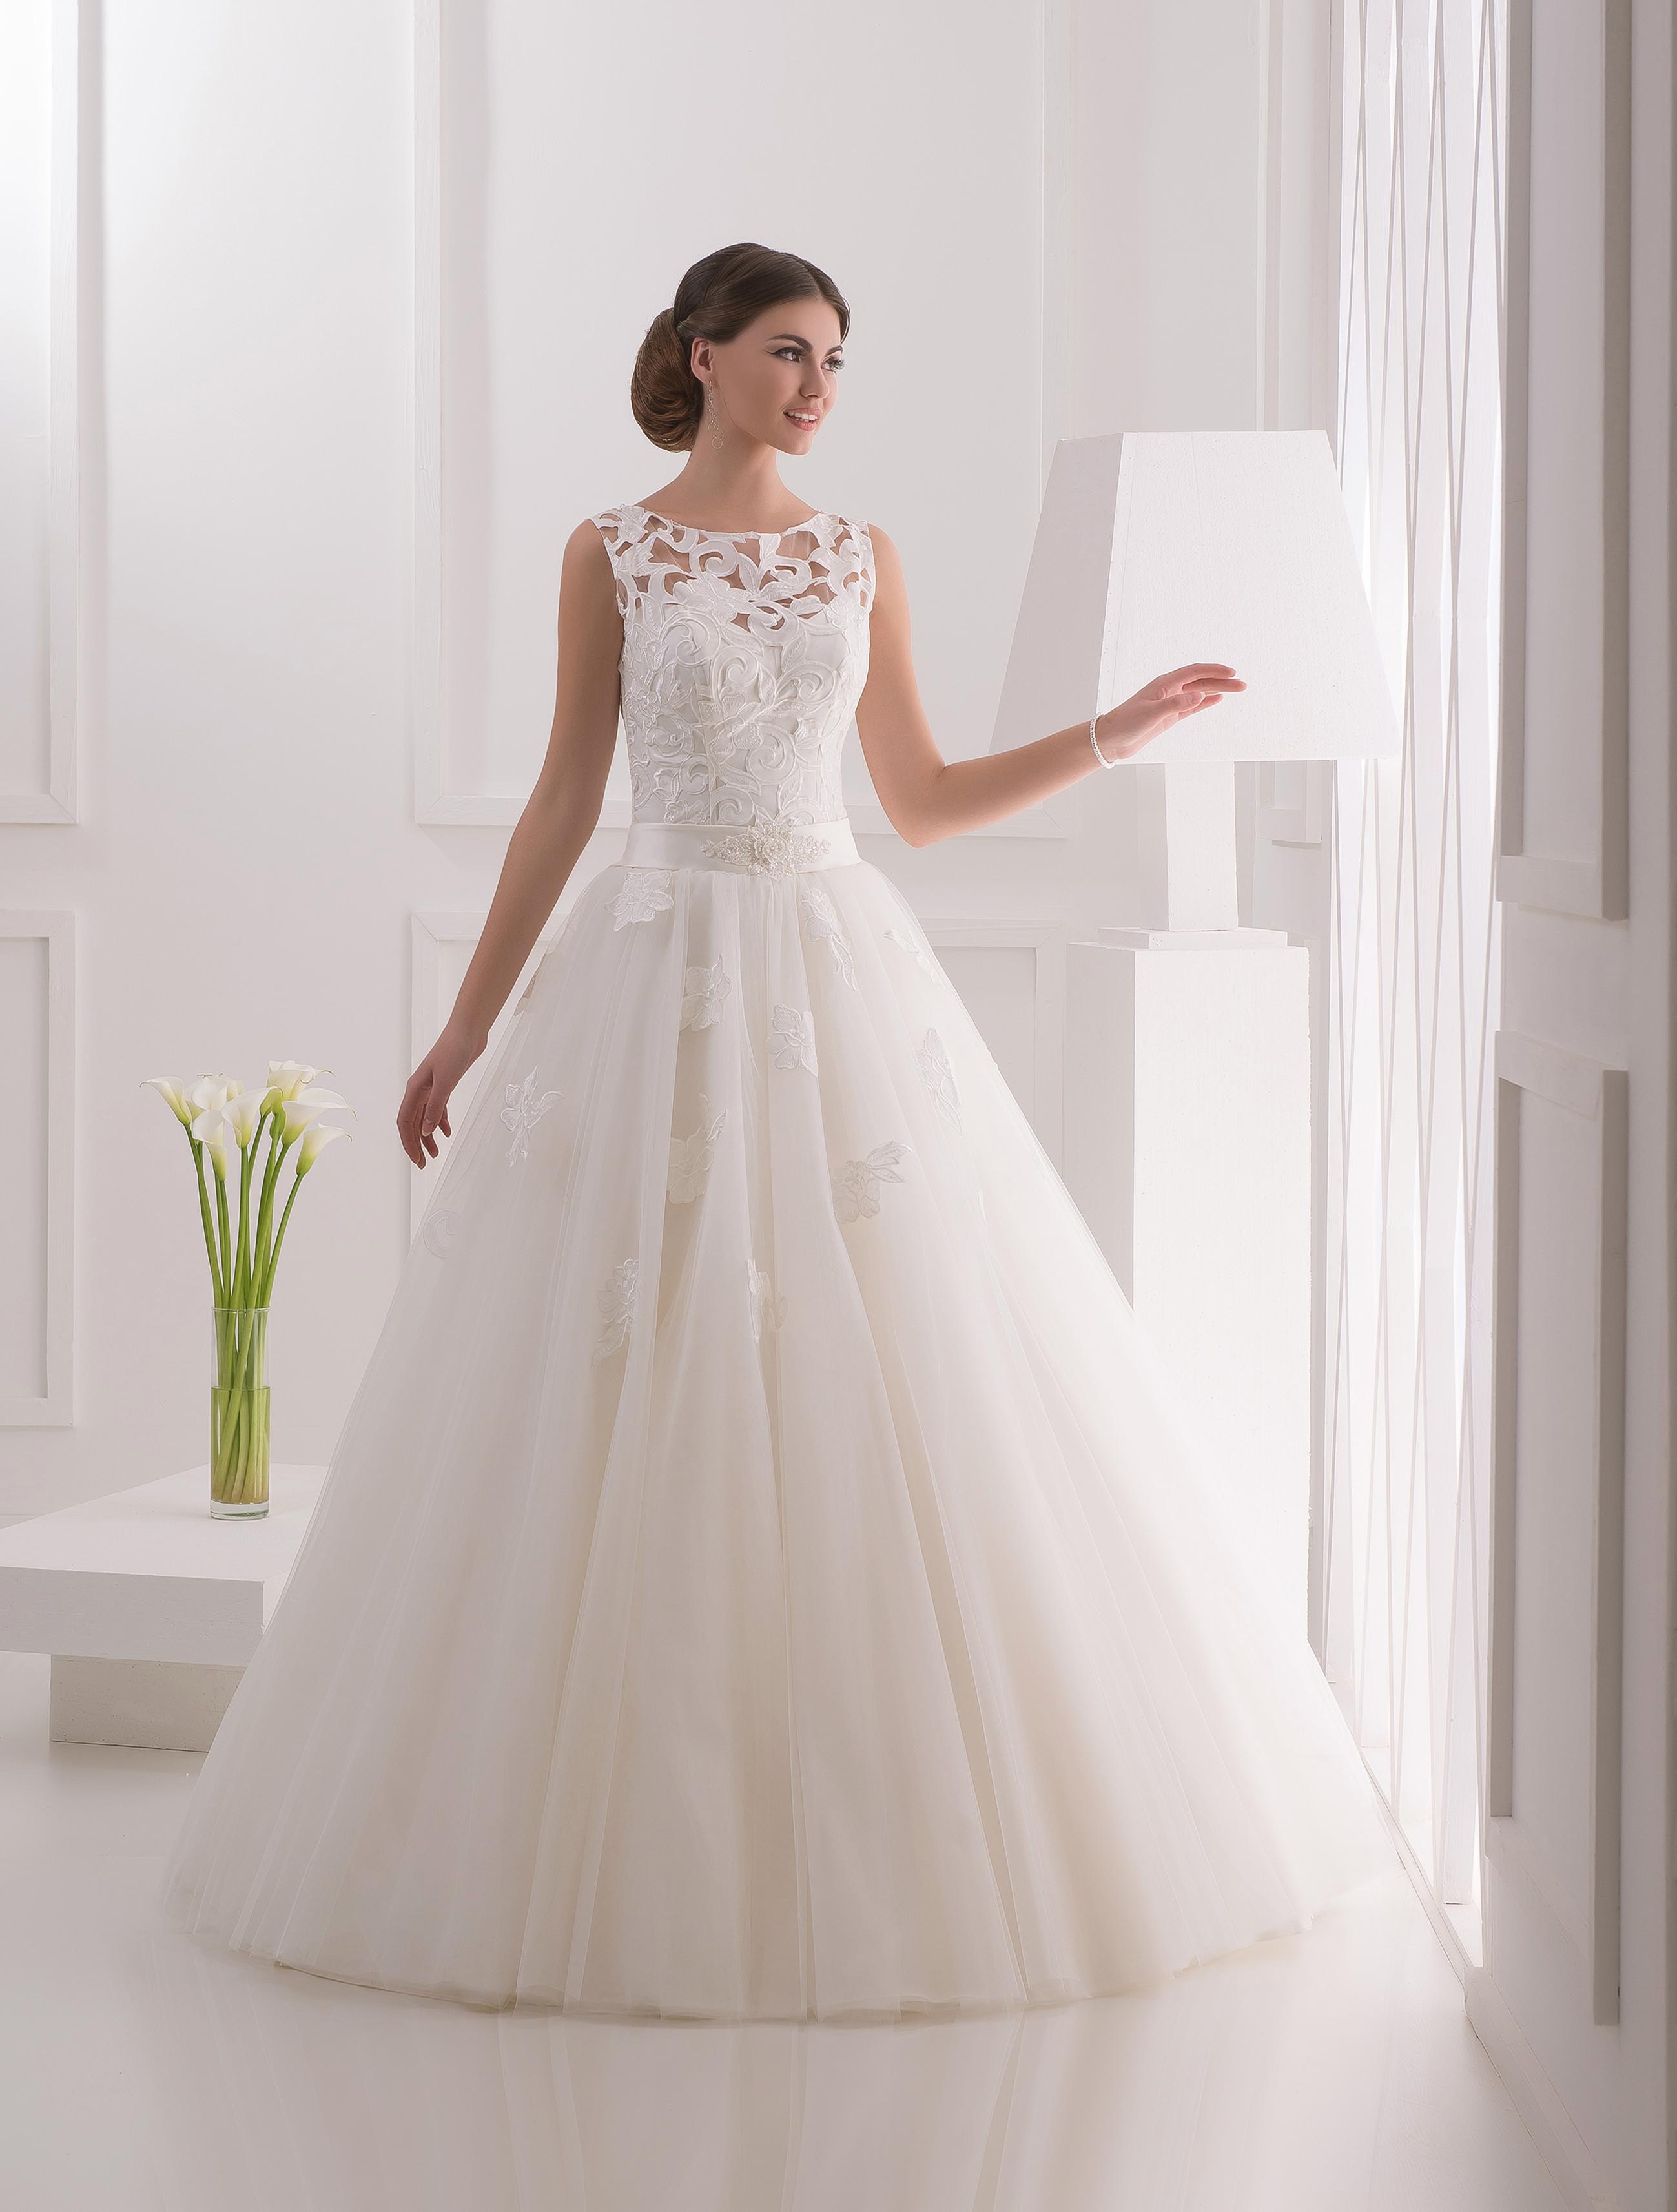 961a79942e8077 Купити весільні сукні оптом від виробника (Україна, Чернівці)